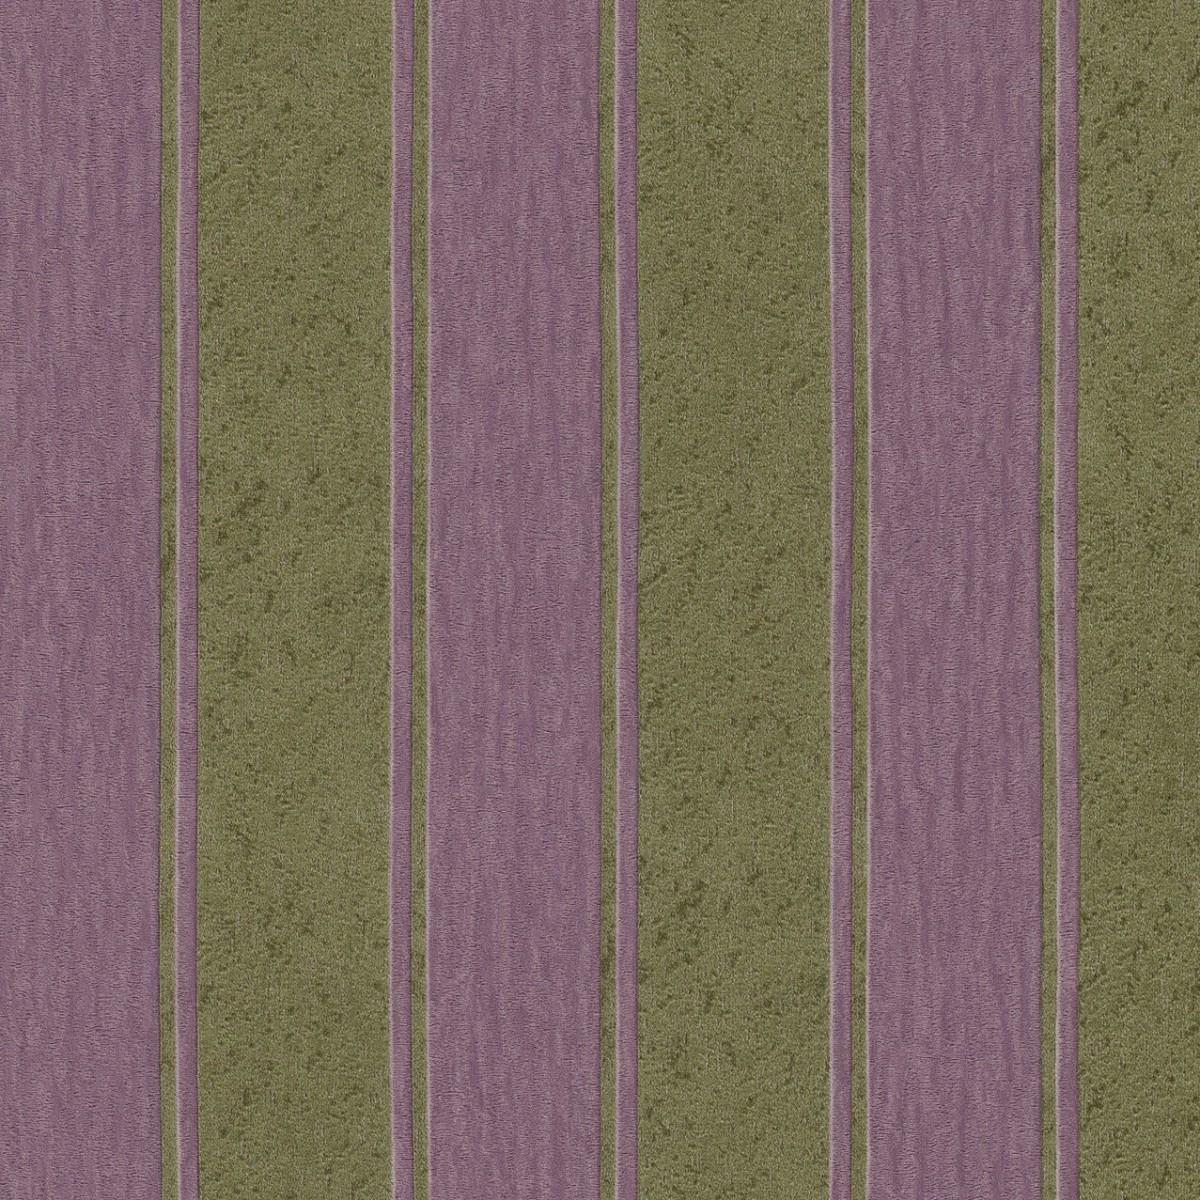 Обои флизелиновые Rasch Etro 0.70 м 515916